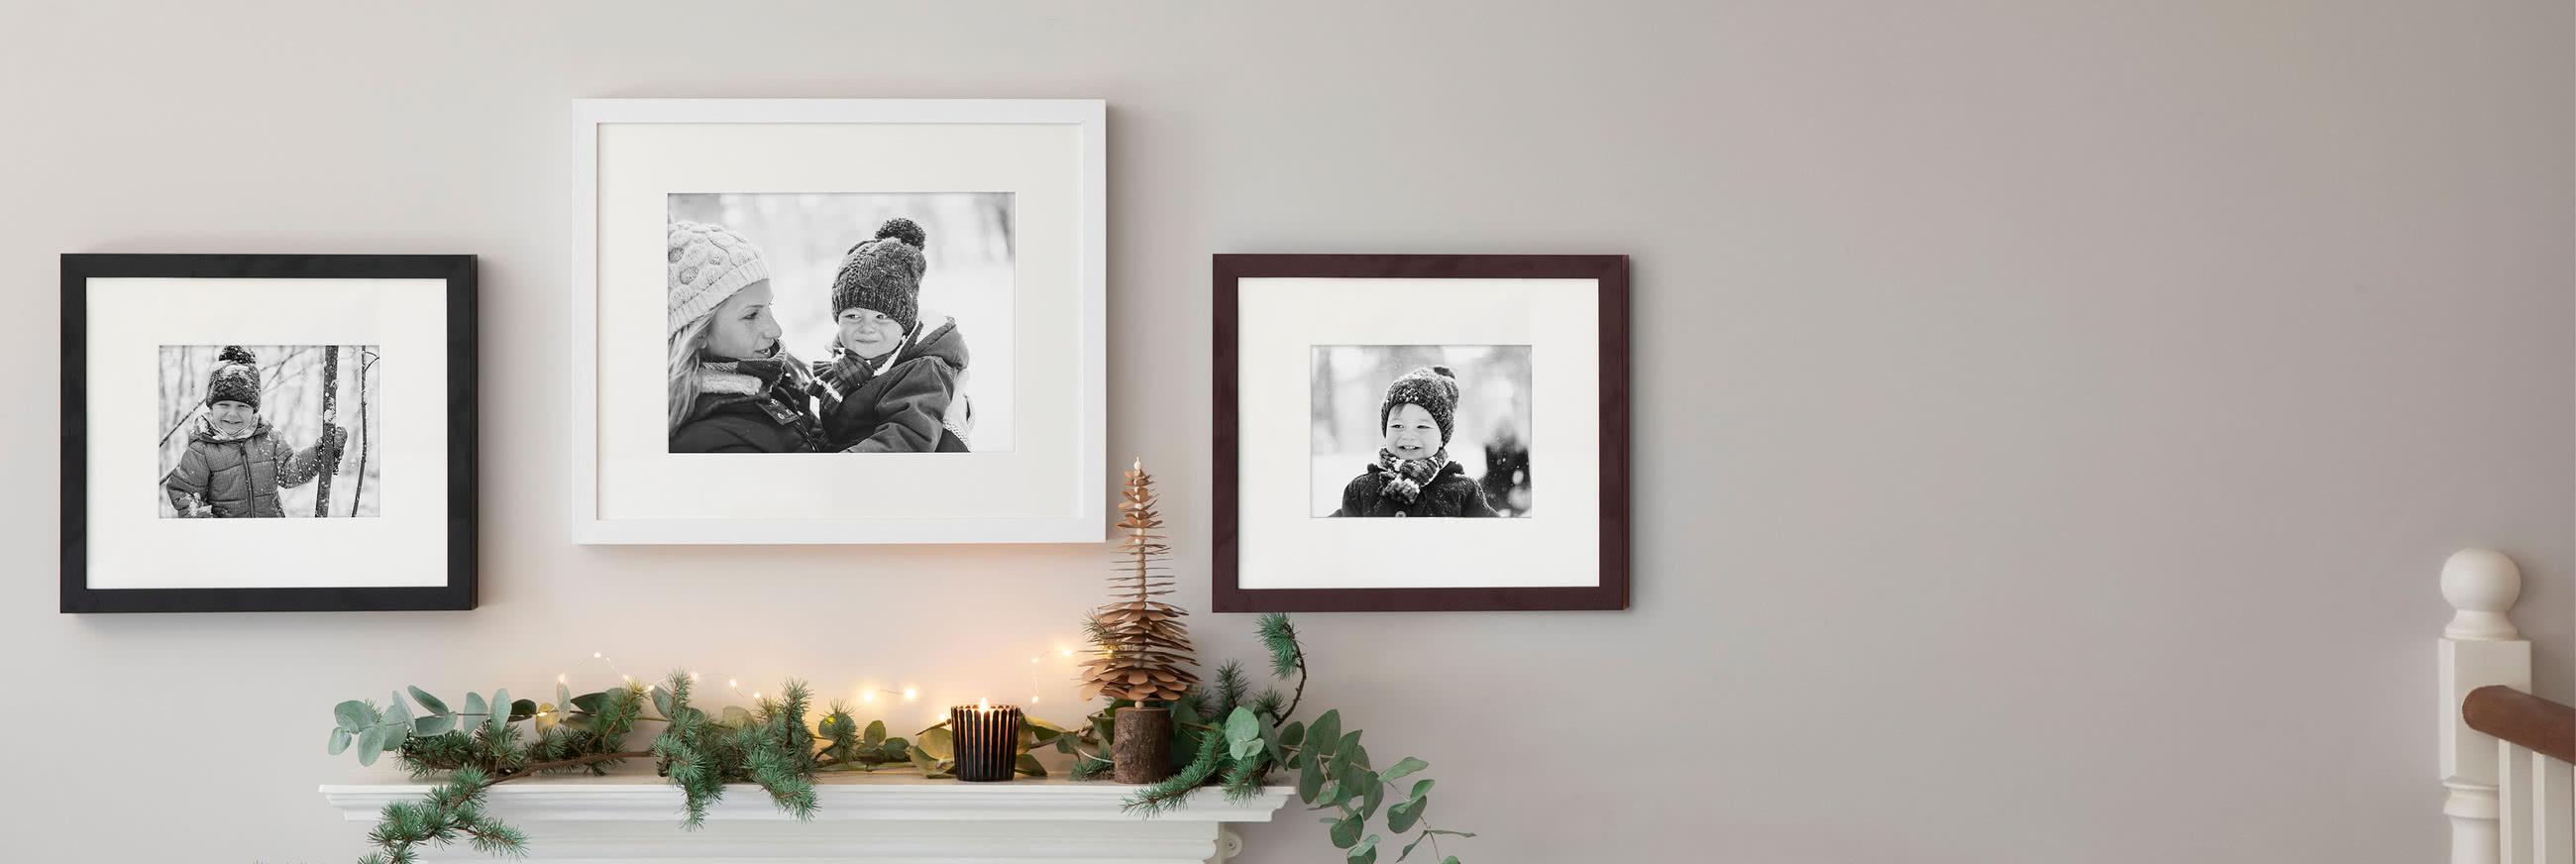 Timeless Framed Prints